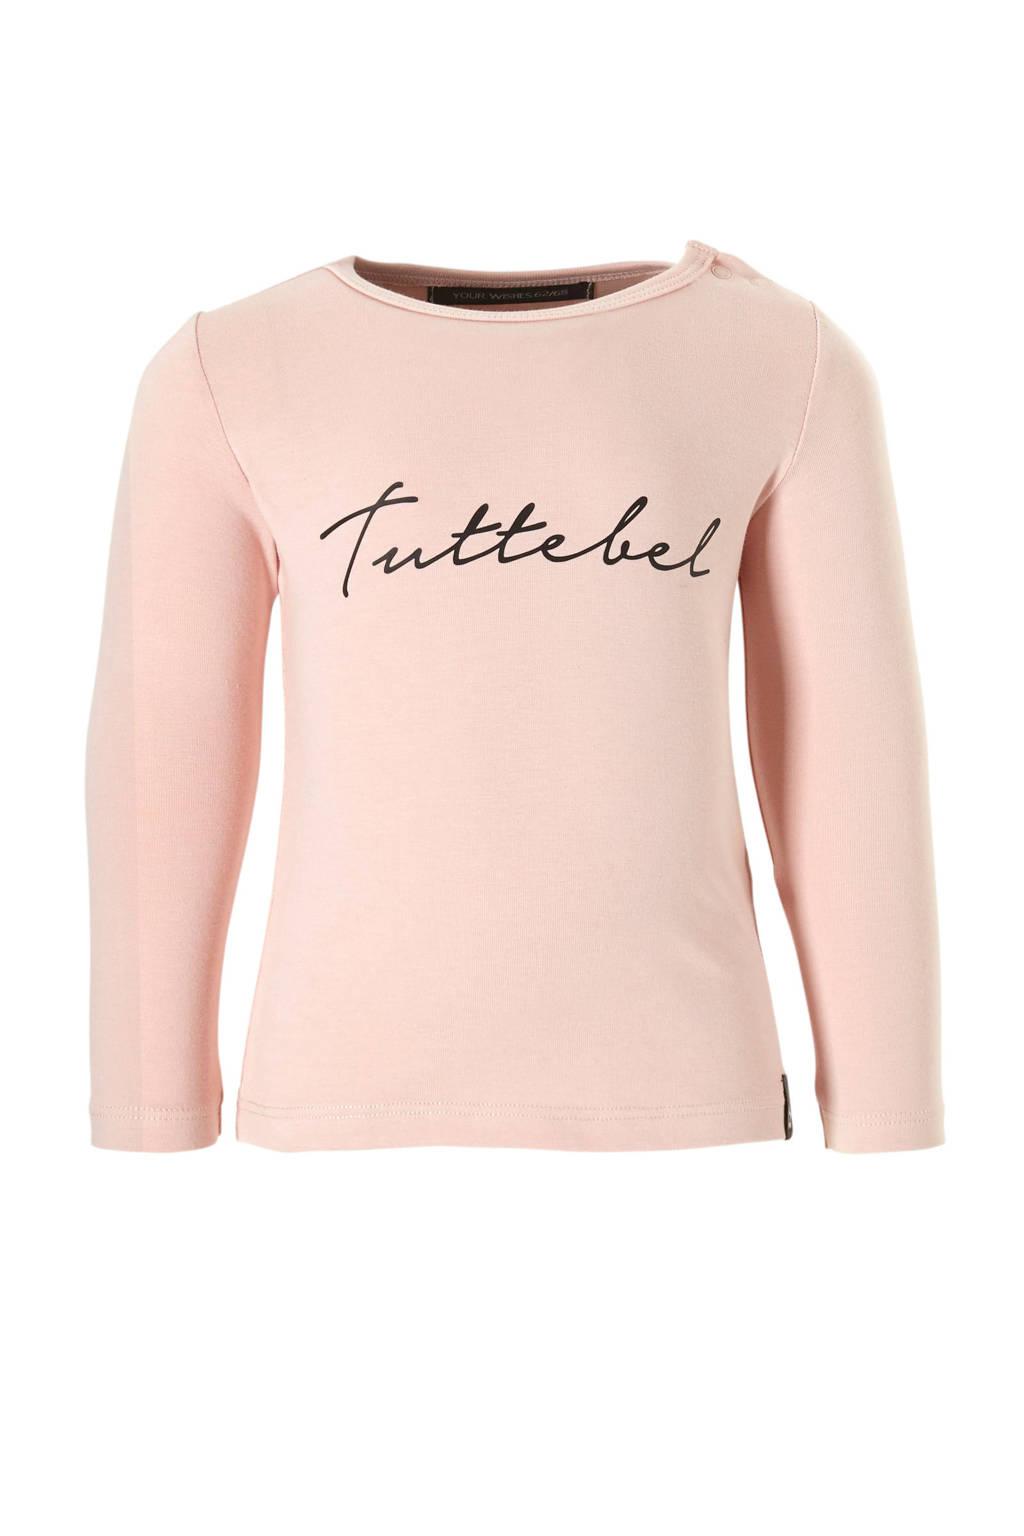 Your Wishes longsleeve Tuttebel met tekst roze, Lichtroze